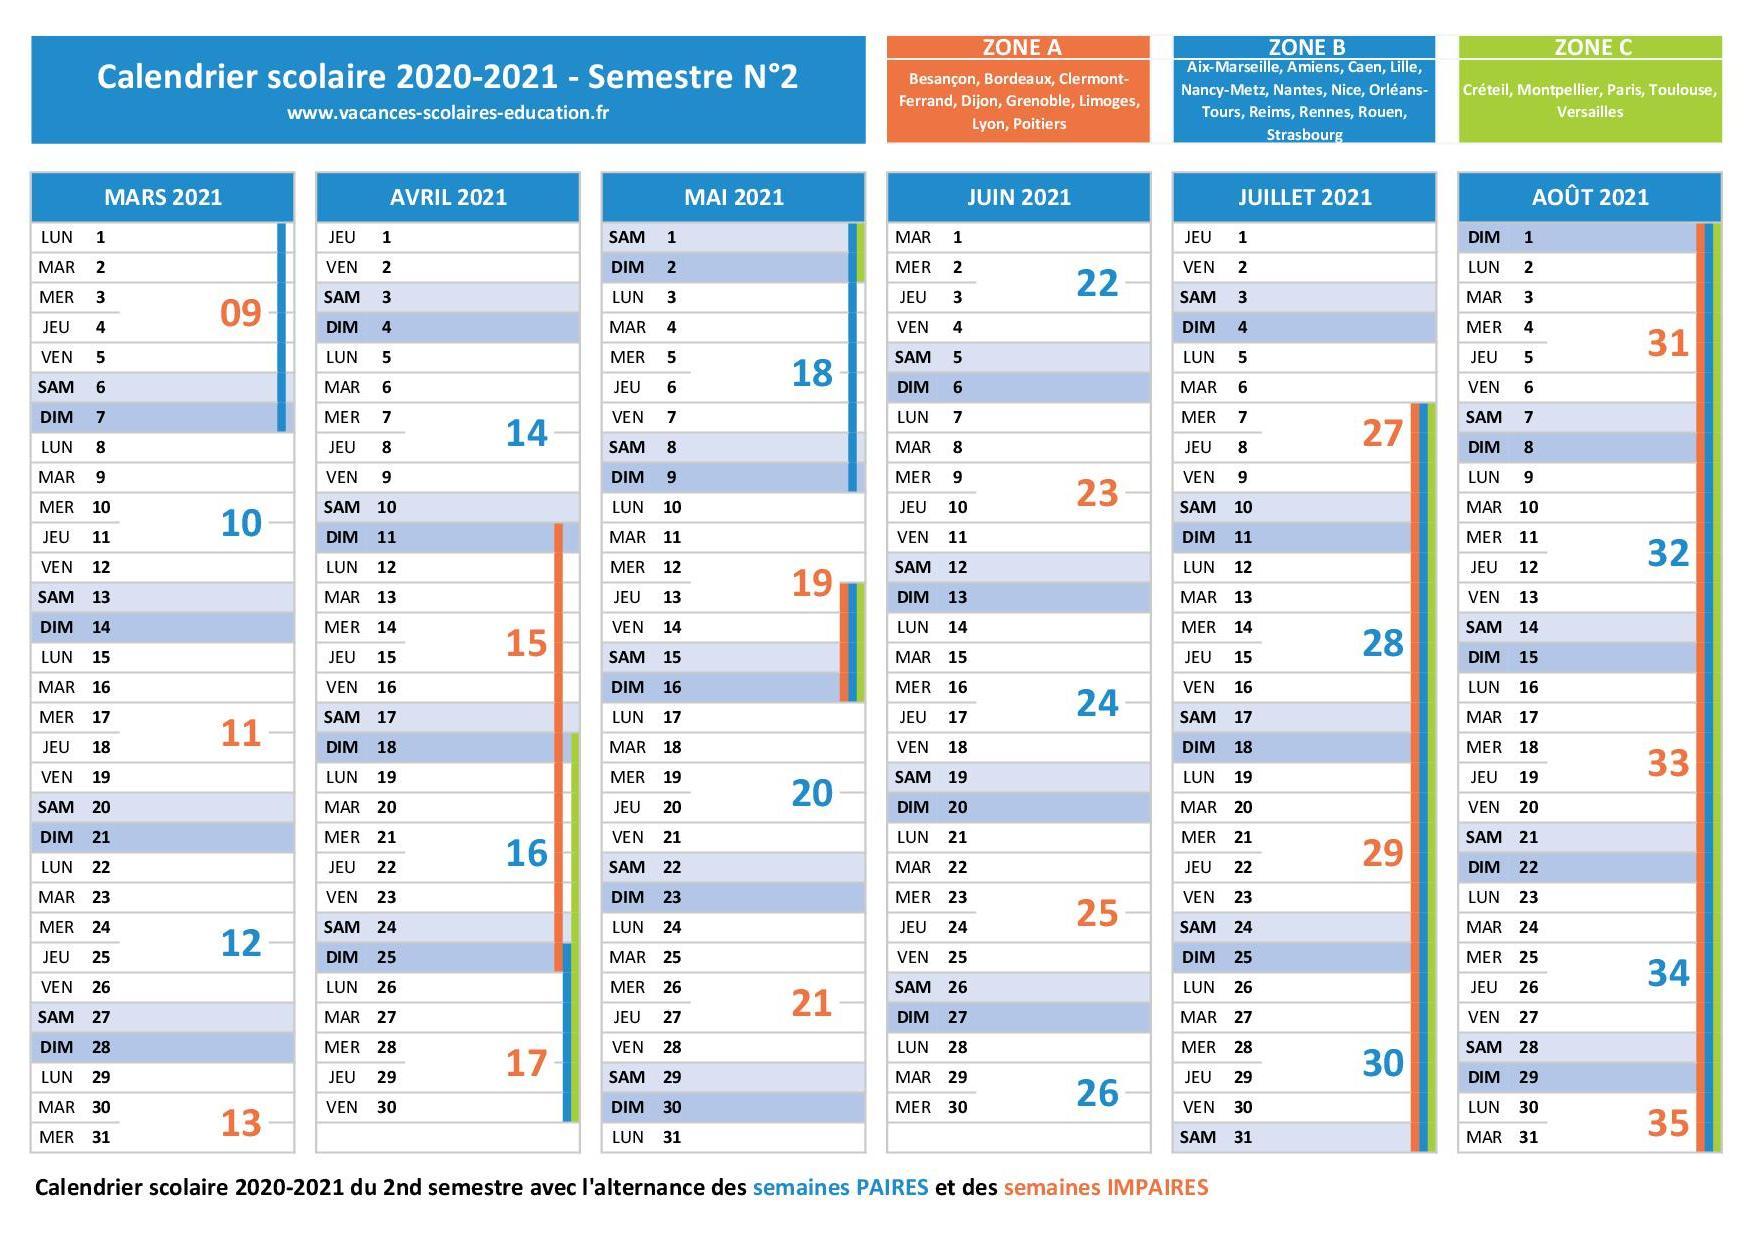 Calendrier Paire Impaire 2021 Semaine Paire   Semaine impaire : calendrier 2020 2021